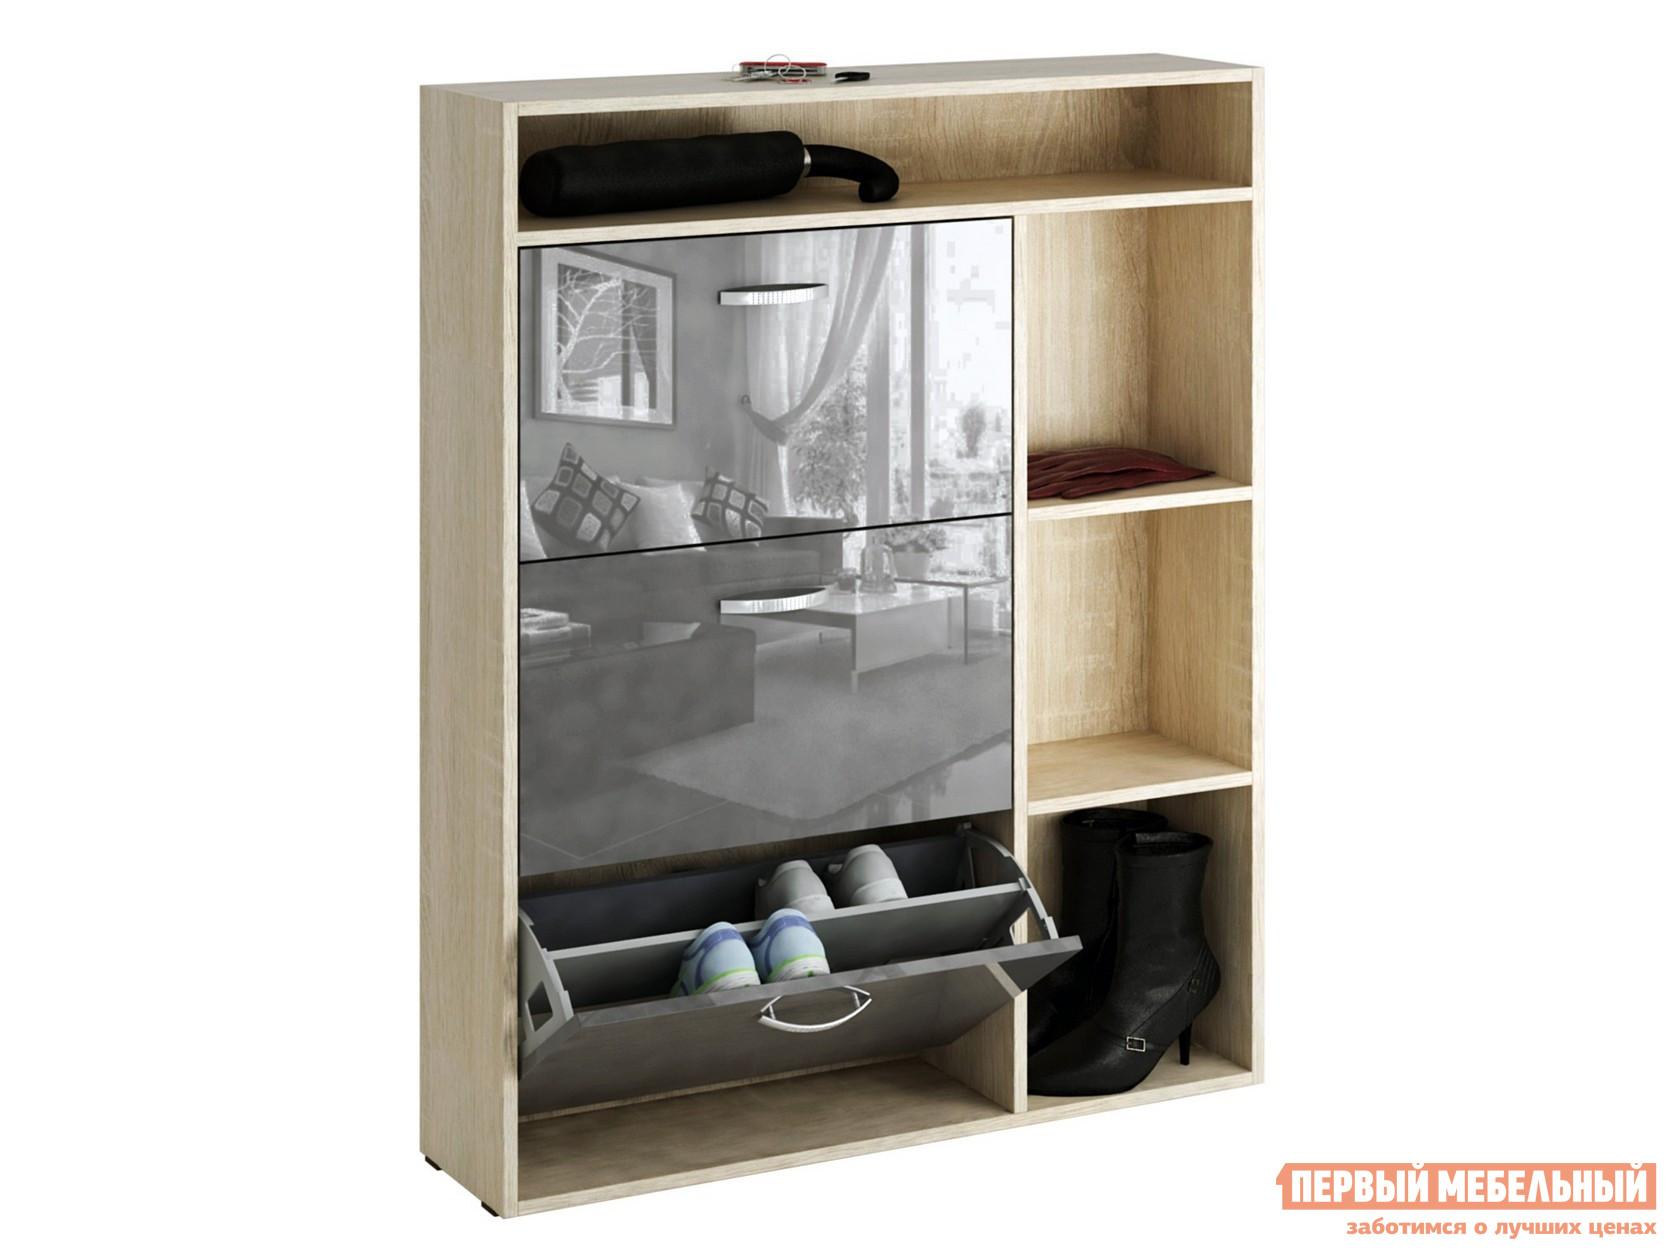 Обувница  Милан-22 Глянец МСТ-ОДМ-22 Серый глянец, Дуб Сонома